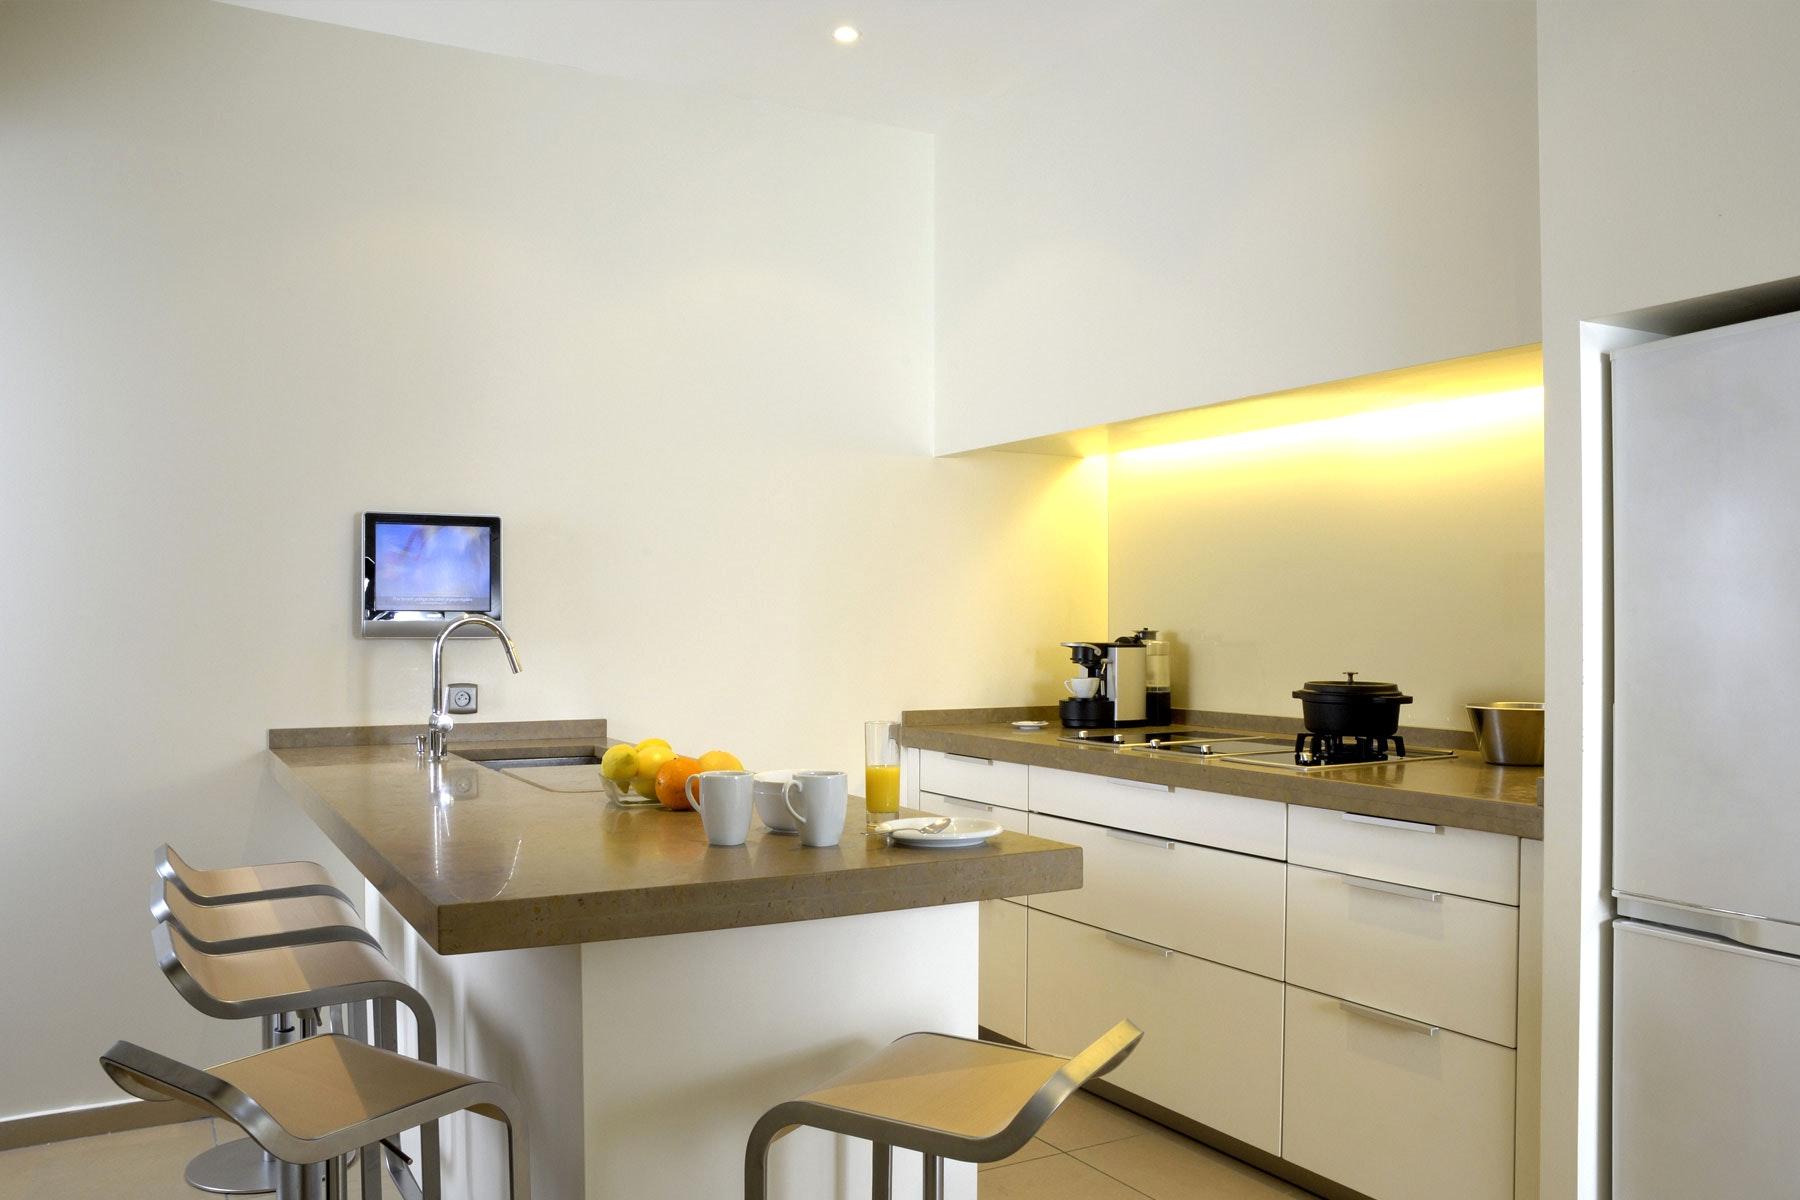 Обстановка однокомнатной квартиры с кухней